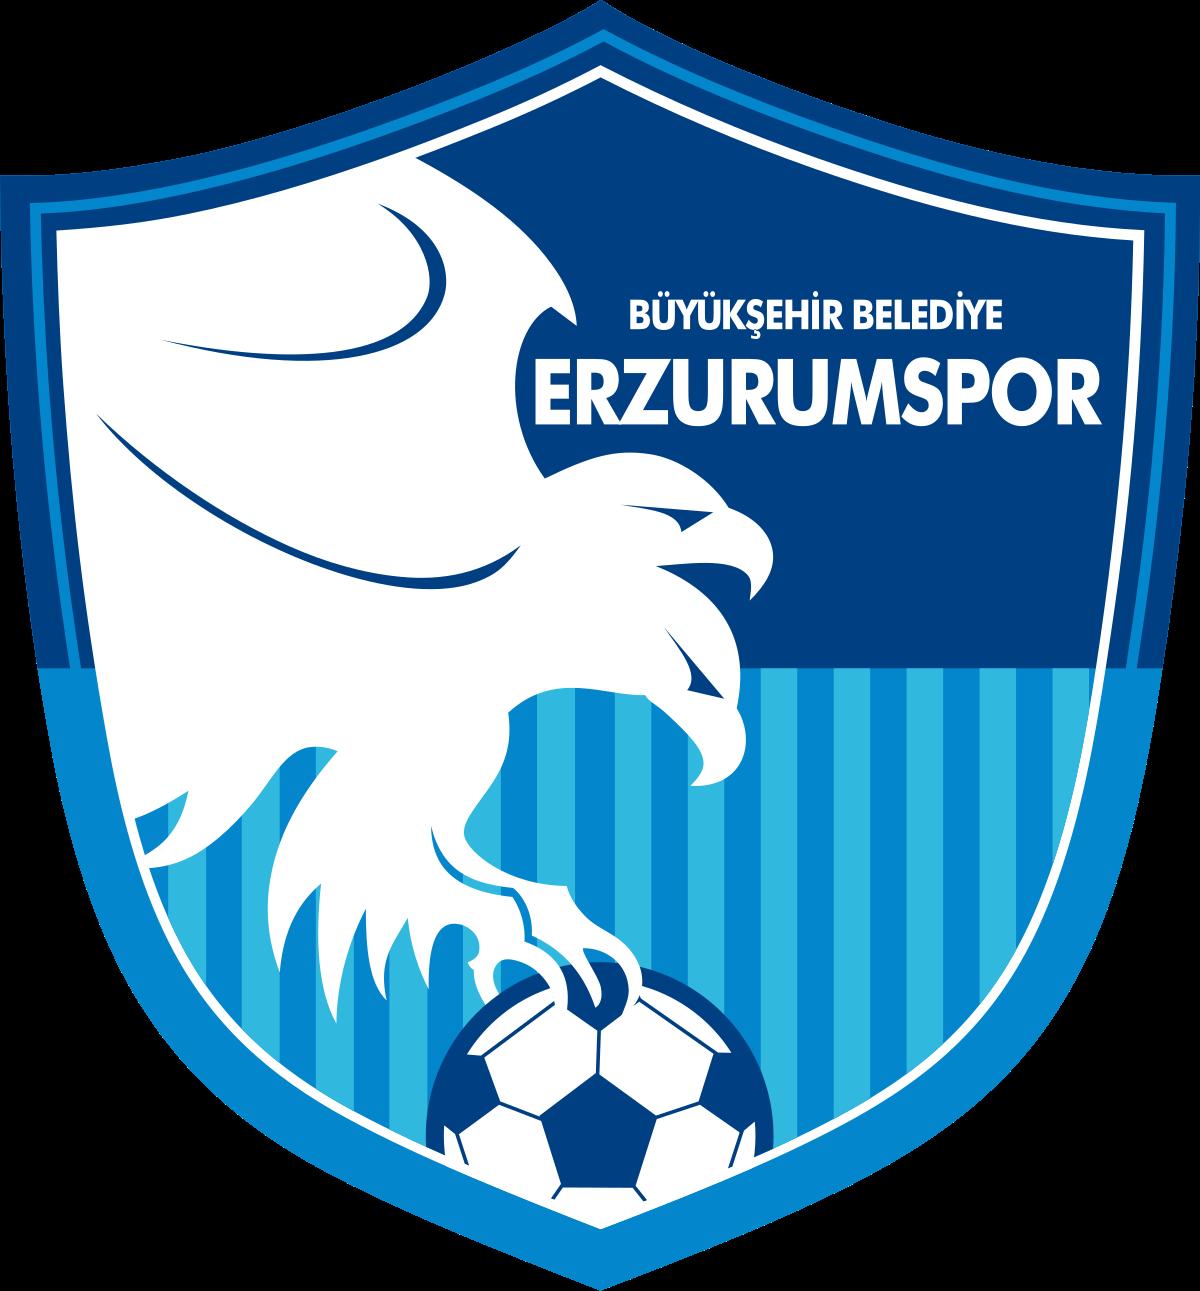 Places Erzurumspor